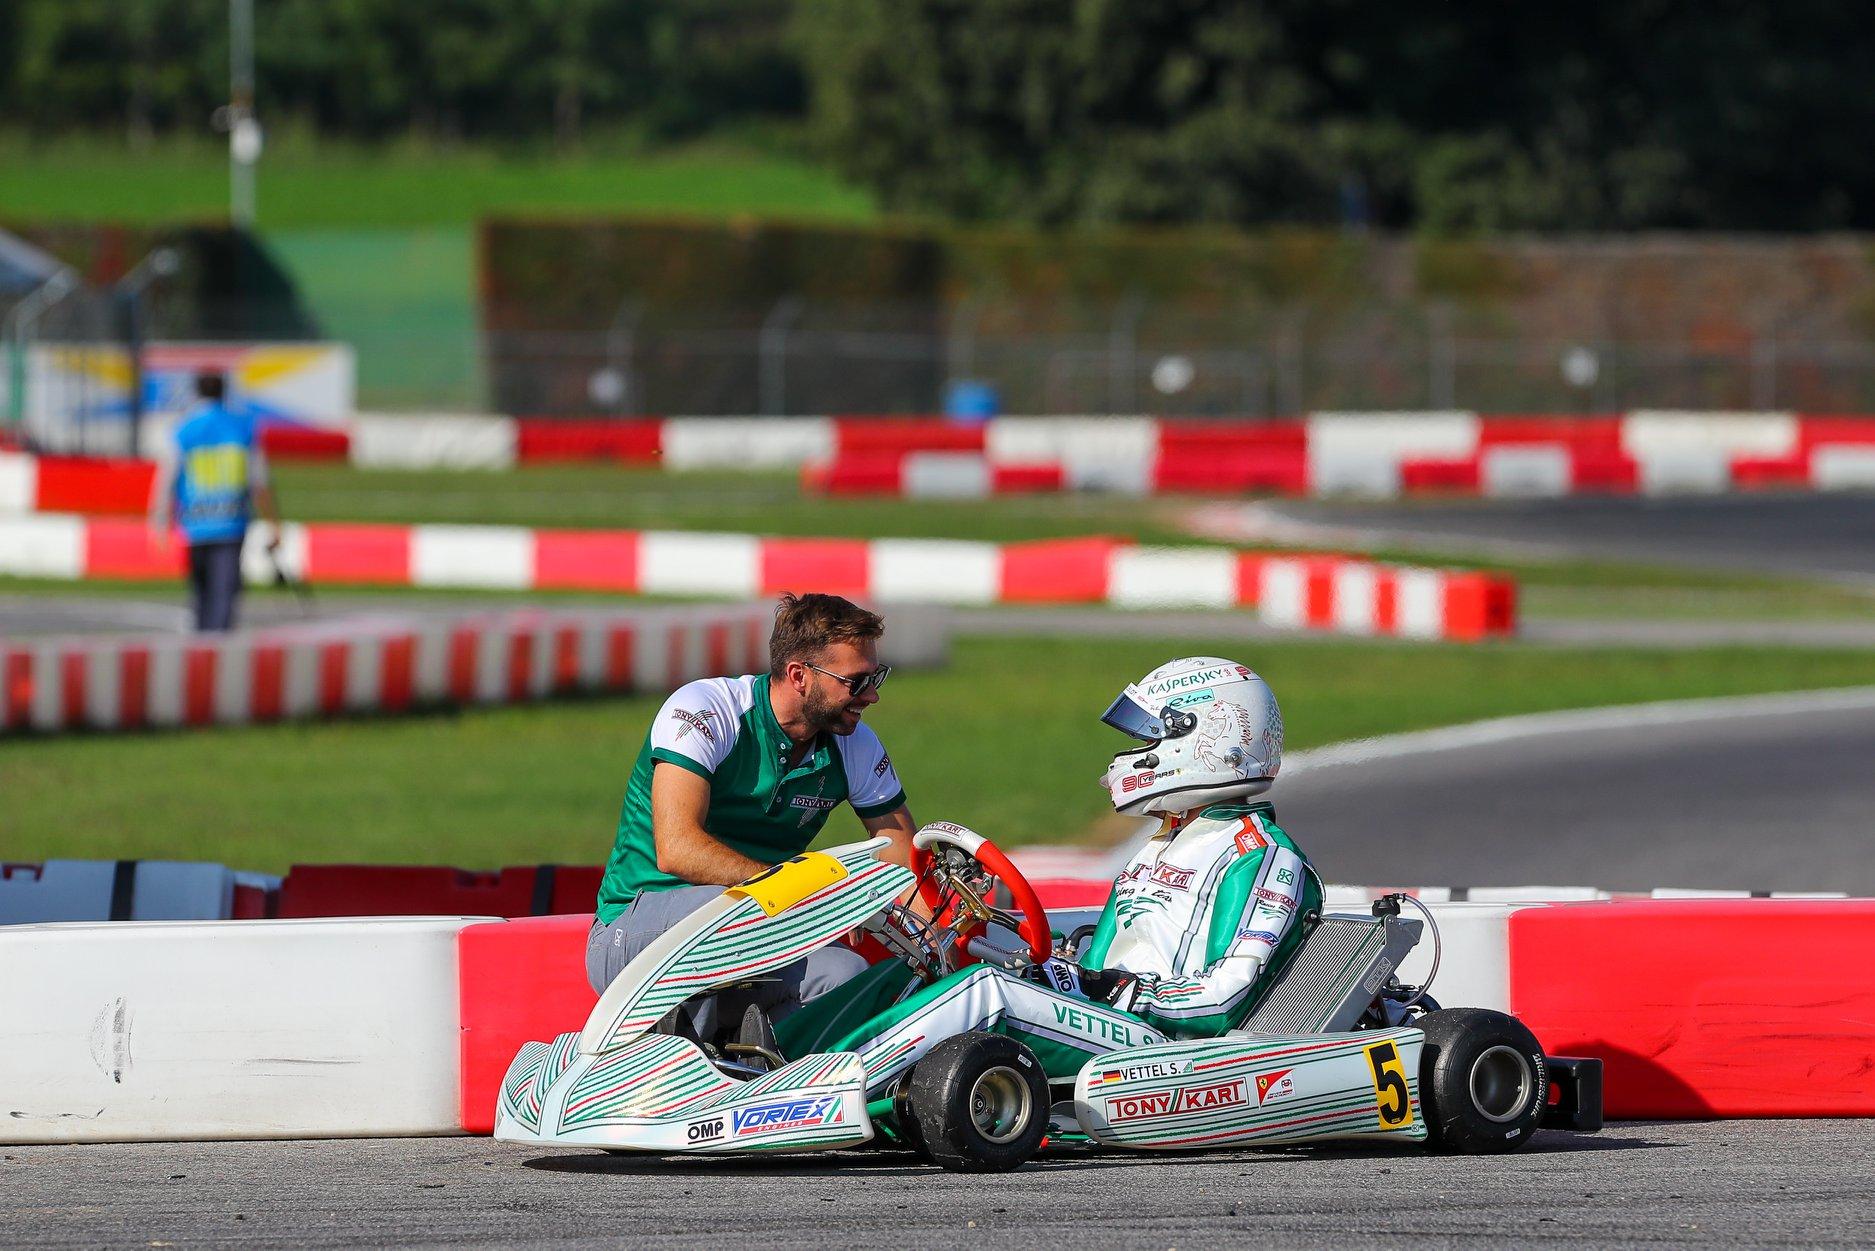 Sebastian_Vettel_testing_Tony_Kart_0023